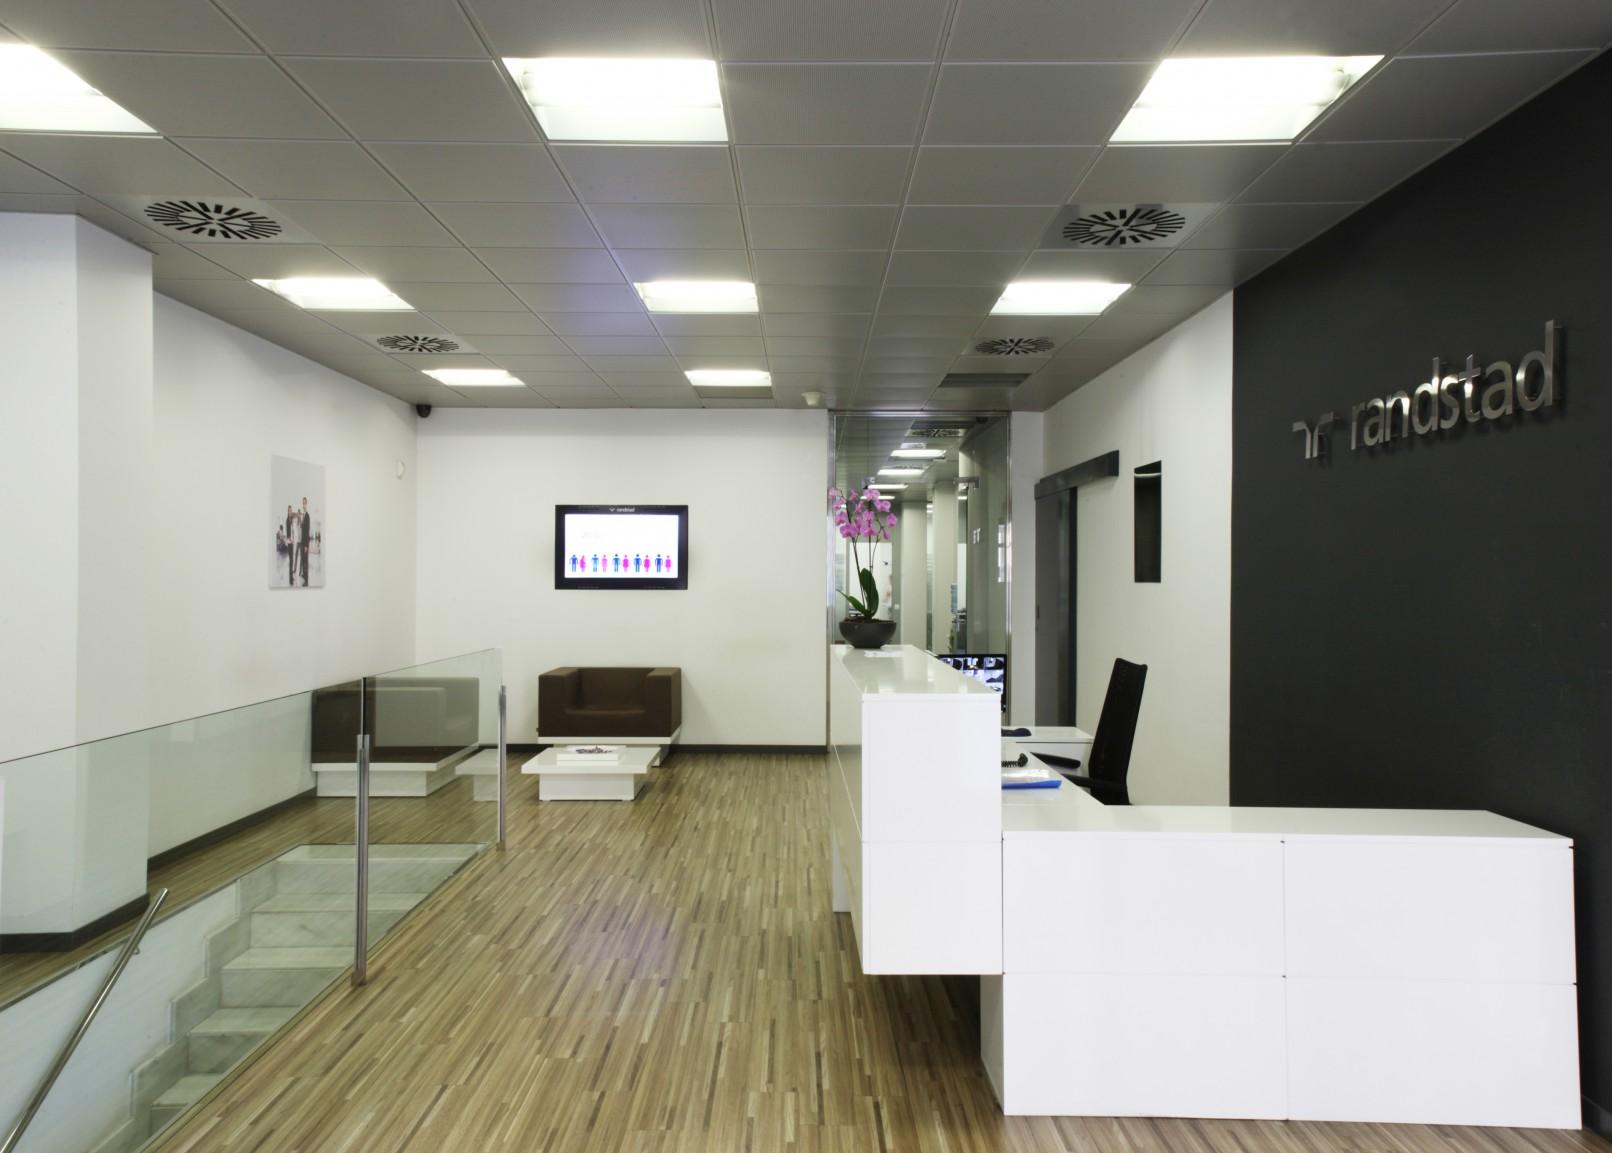 proyecto interiorismo para oficinas x arquitectura